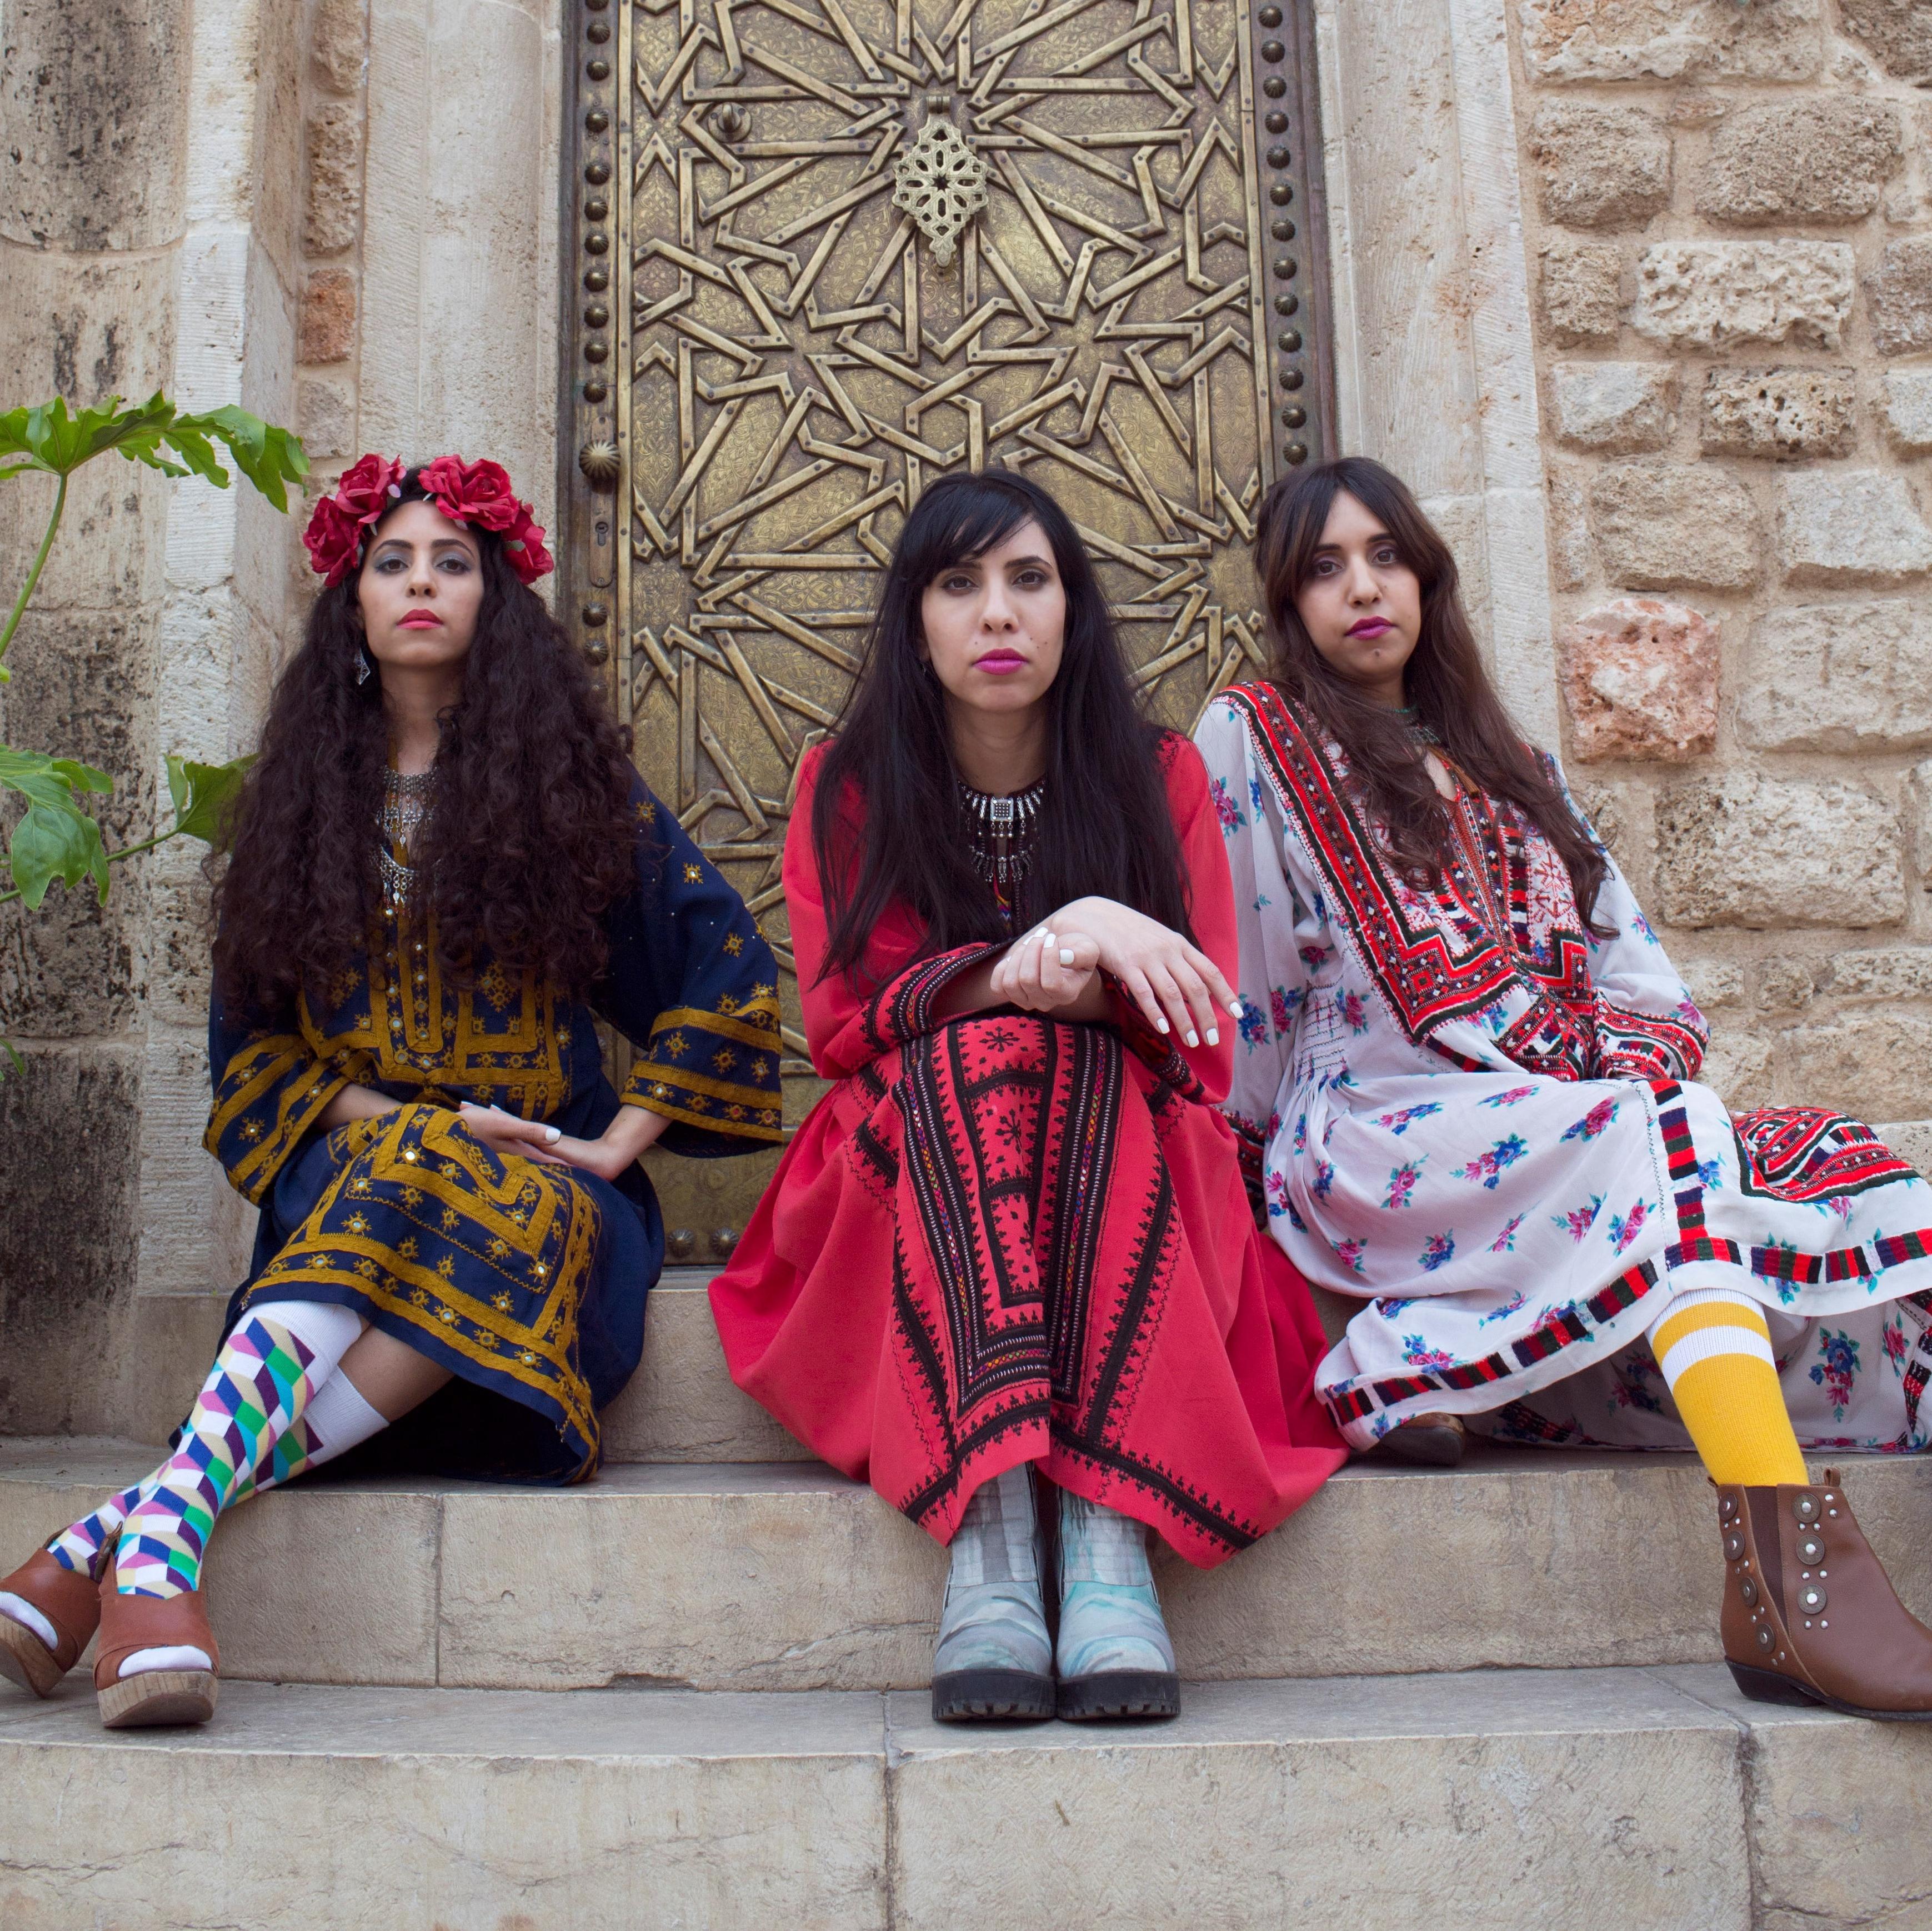 イスラエル イエメン 音楽 ファッション 女性 アラブ